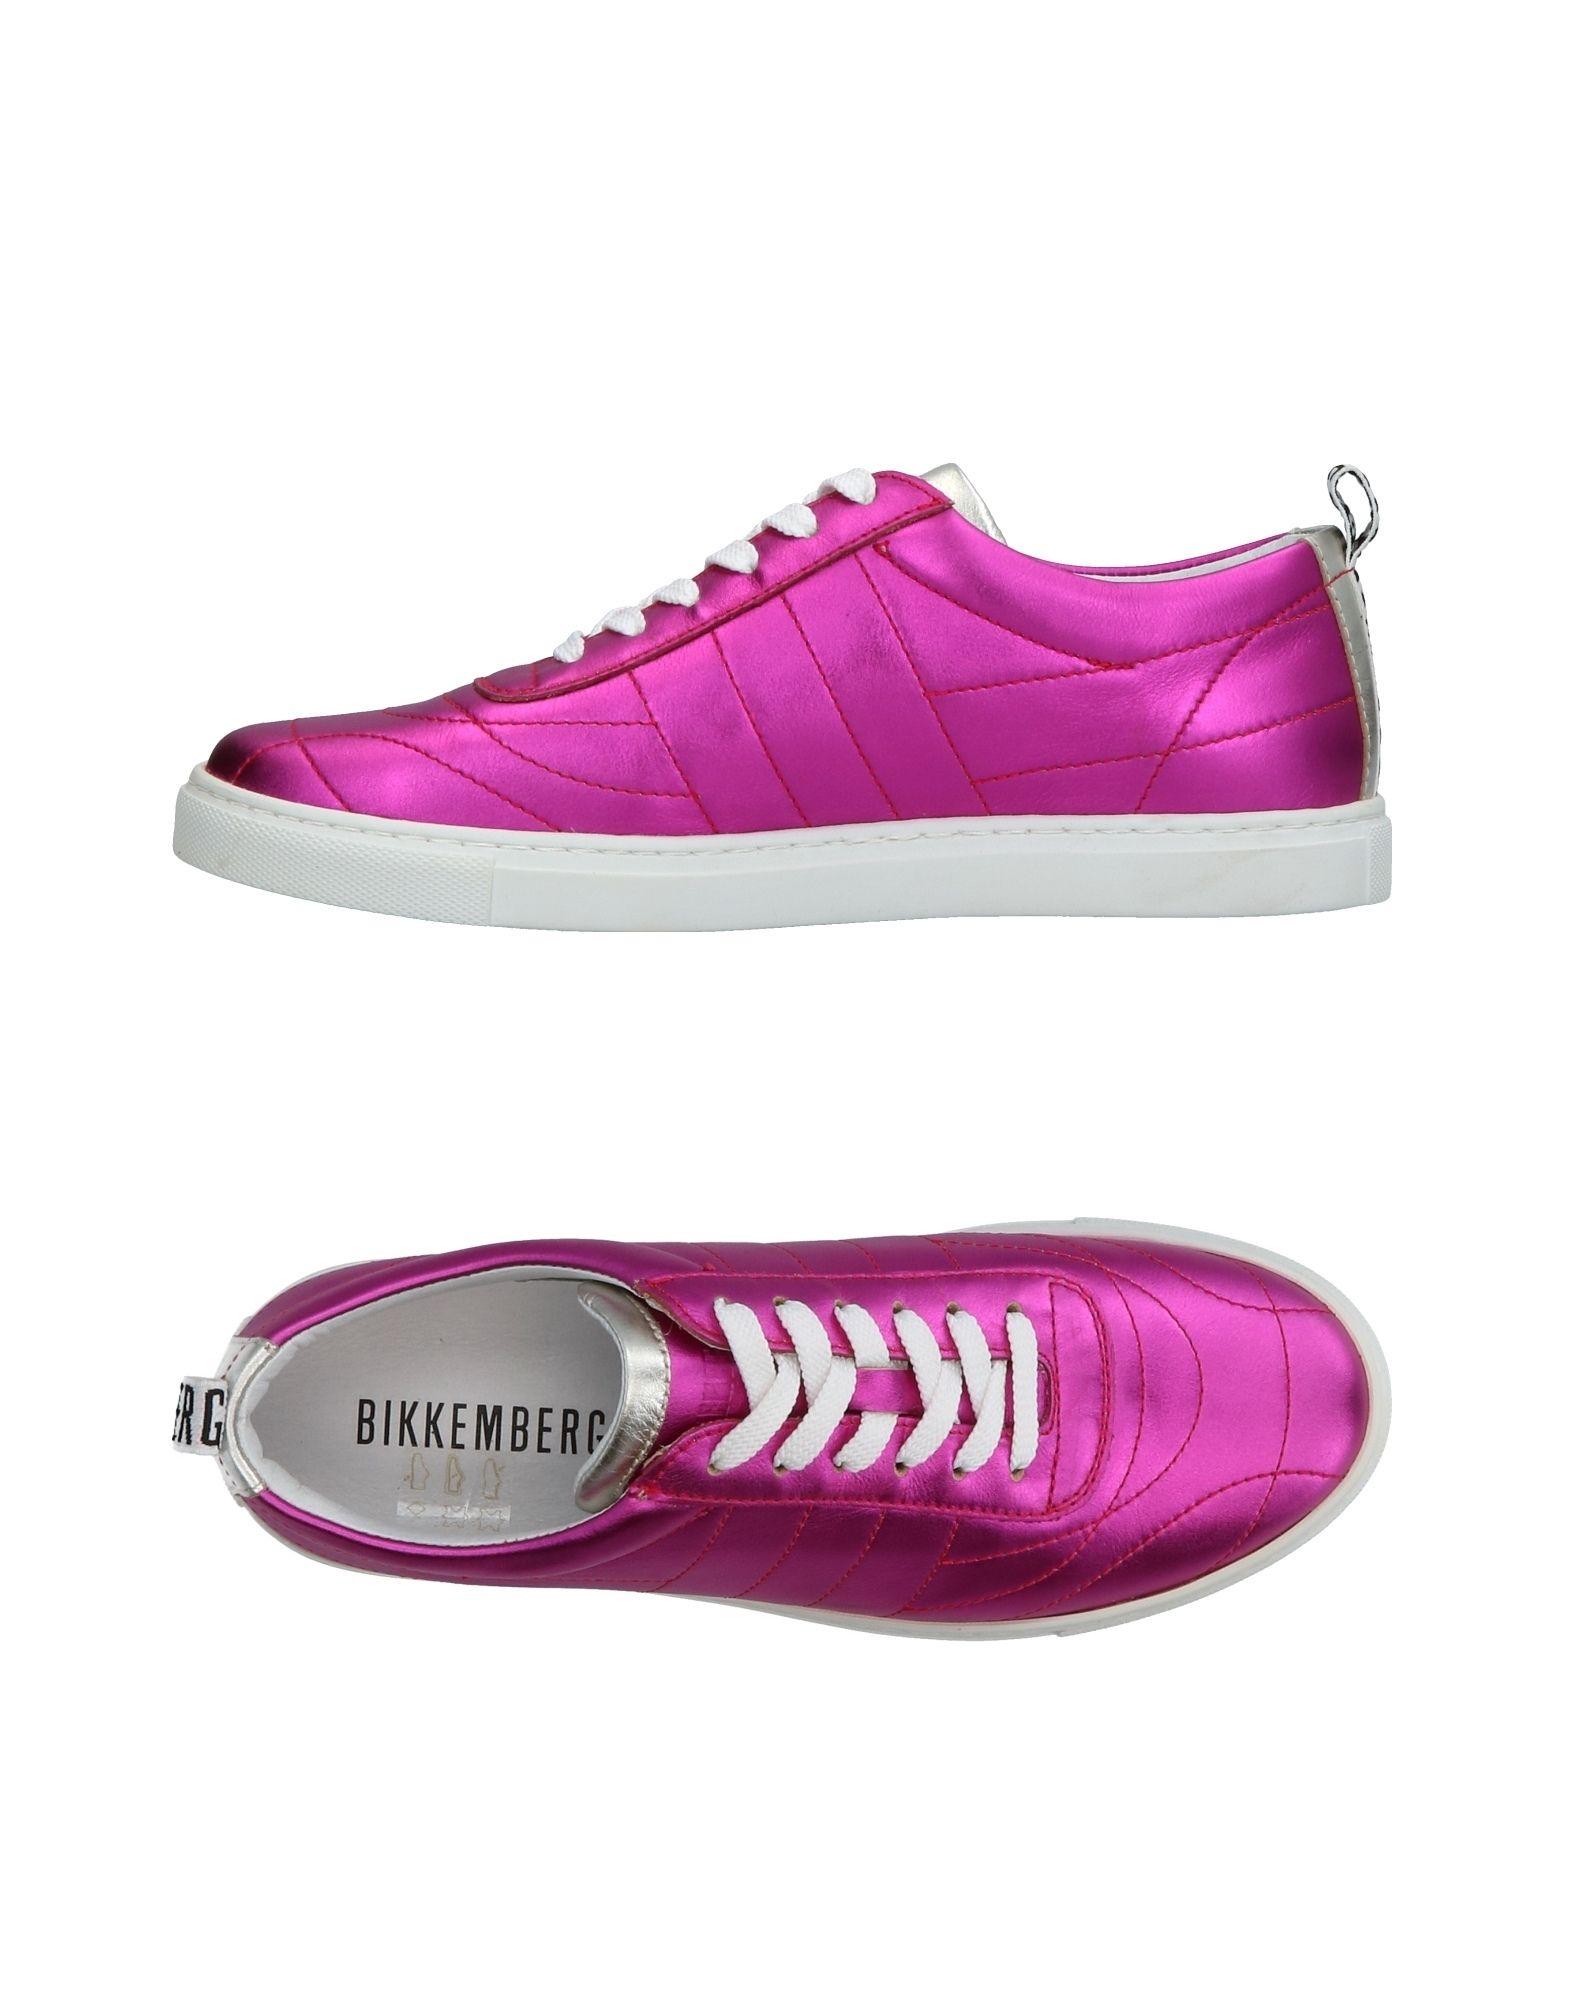 timeless design e7d0a a9c2b Bikkembergs Sneakers Damen 11332524FW Gute Qualität beliebte Schuhe